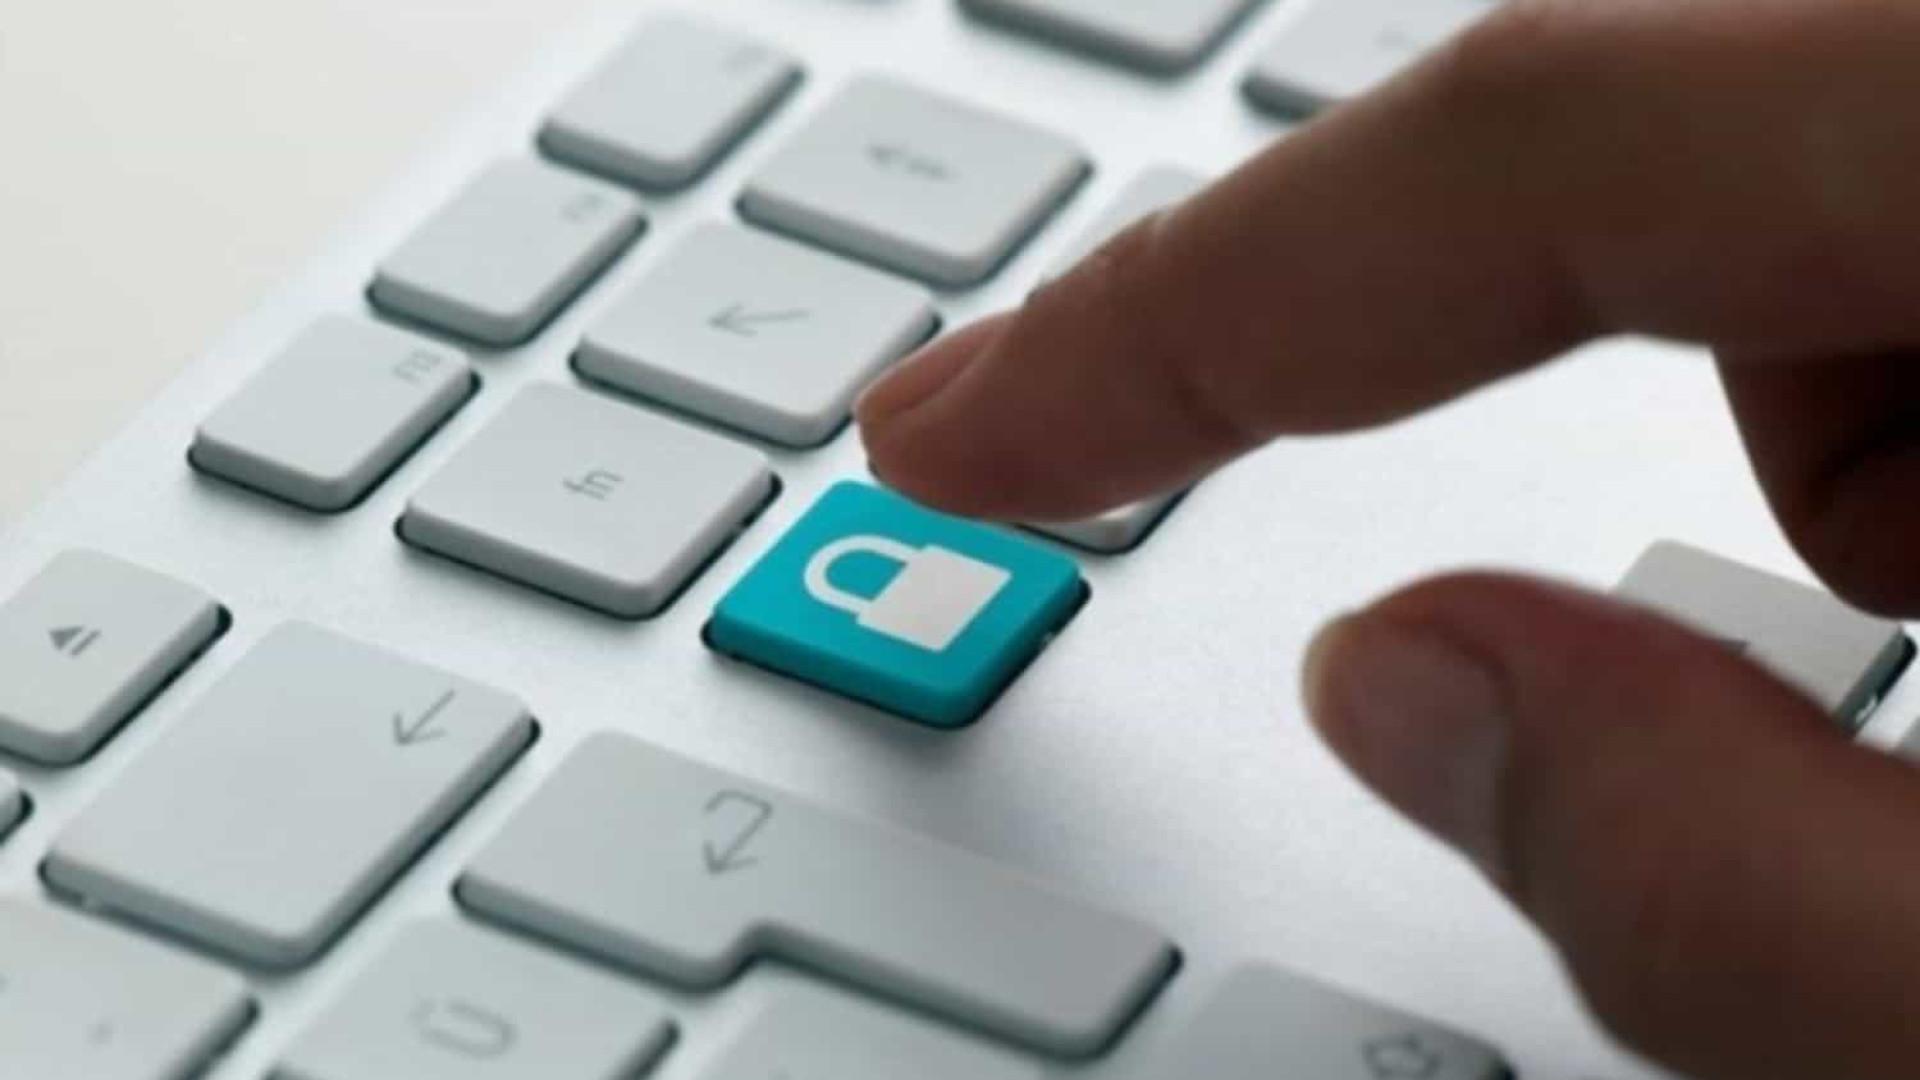 Lei de proteção de dados entra em vigor nesta sexta-feira